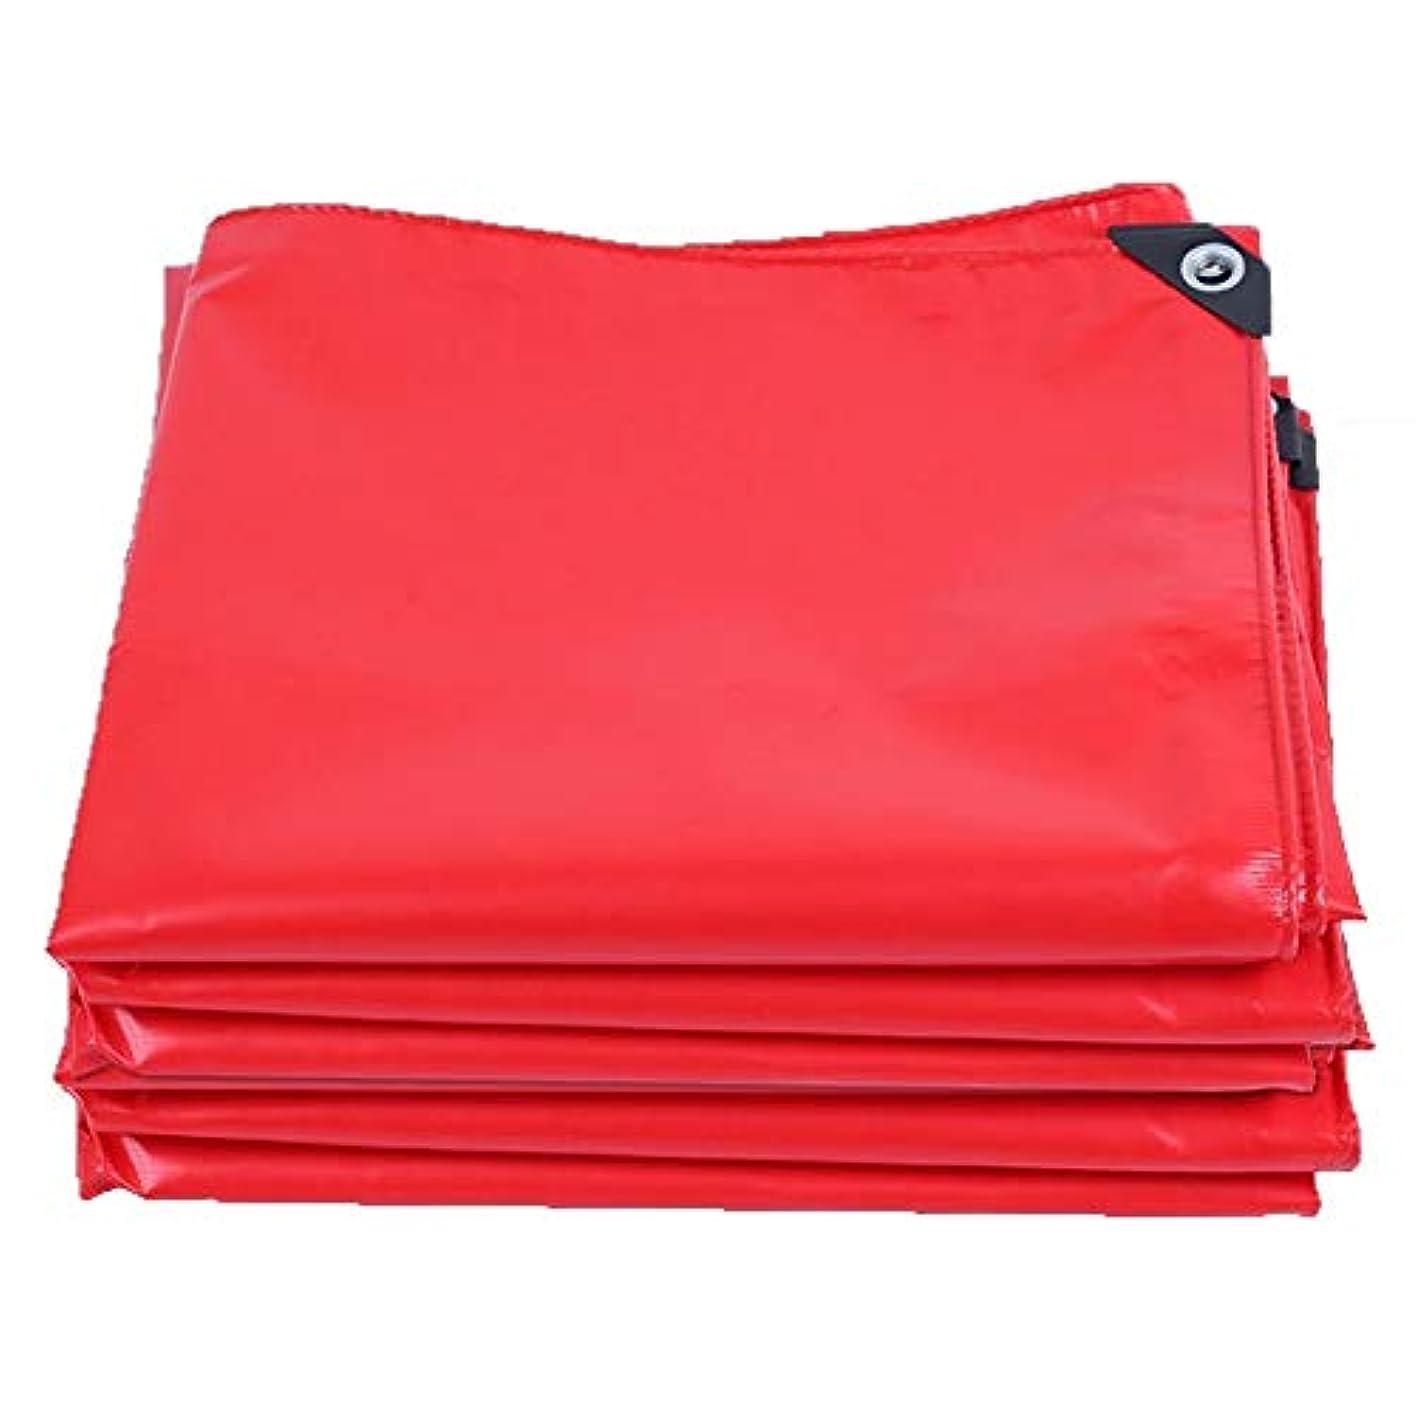 アパート回想タワー防水シート防水 - 雨布 - キャノピー布赤ナイフ擦り布厚みのある防水シート防水ヘビーデューティー日焼け防止ステージカーポートレインクロスガーデニングプラント日焼け止めPVC、厚さ0.45 MM、420 ??G/M² (Color : A, Size : 6x8m)